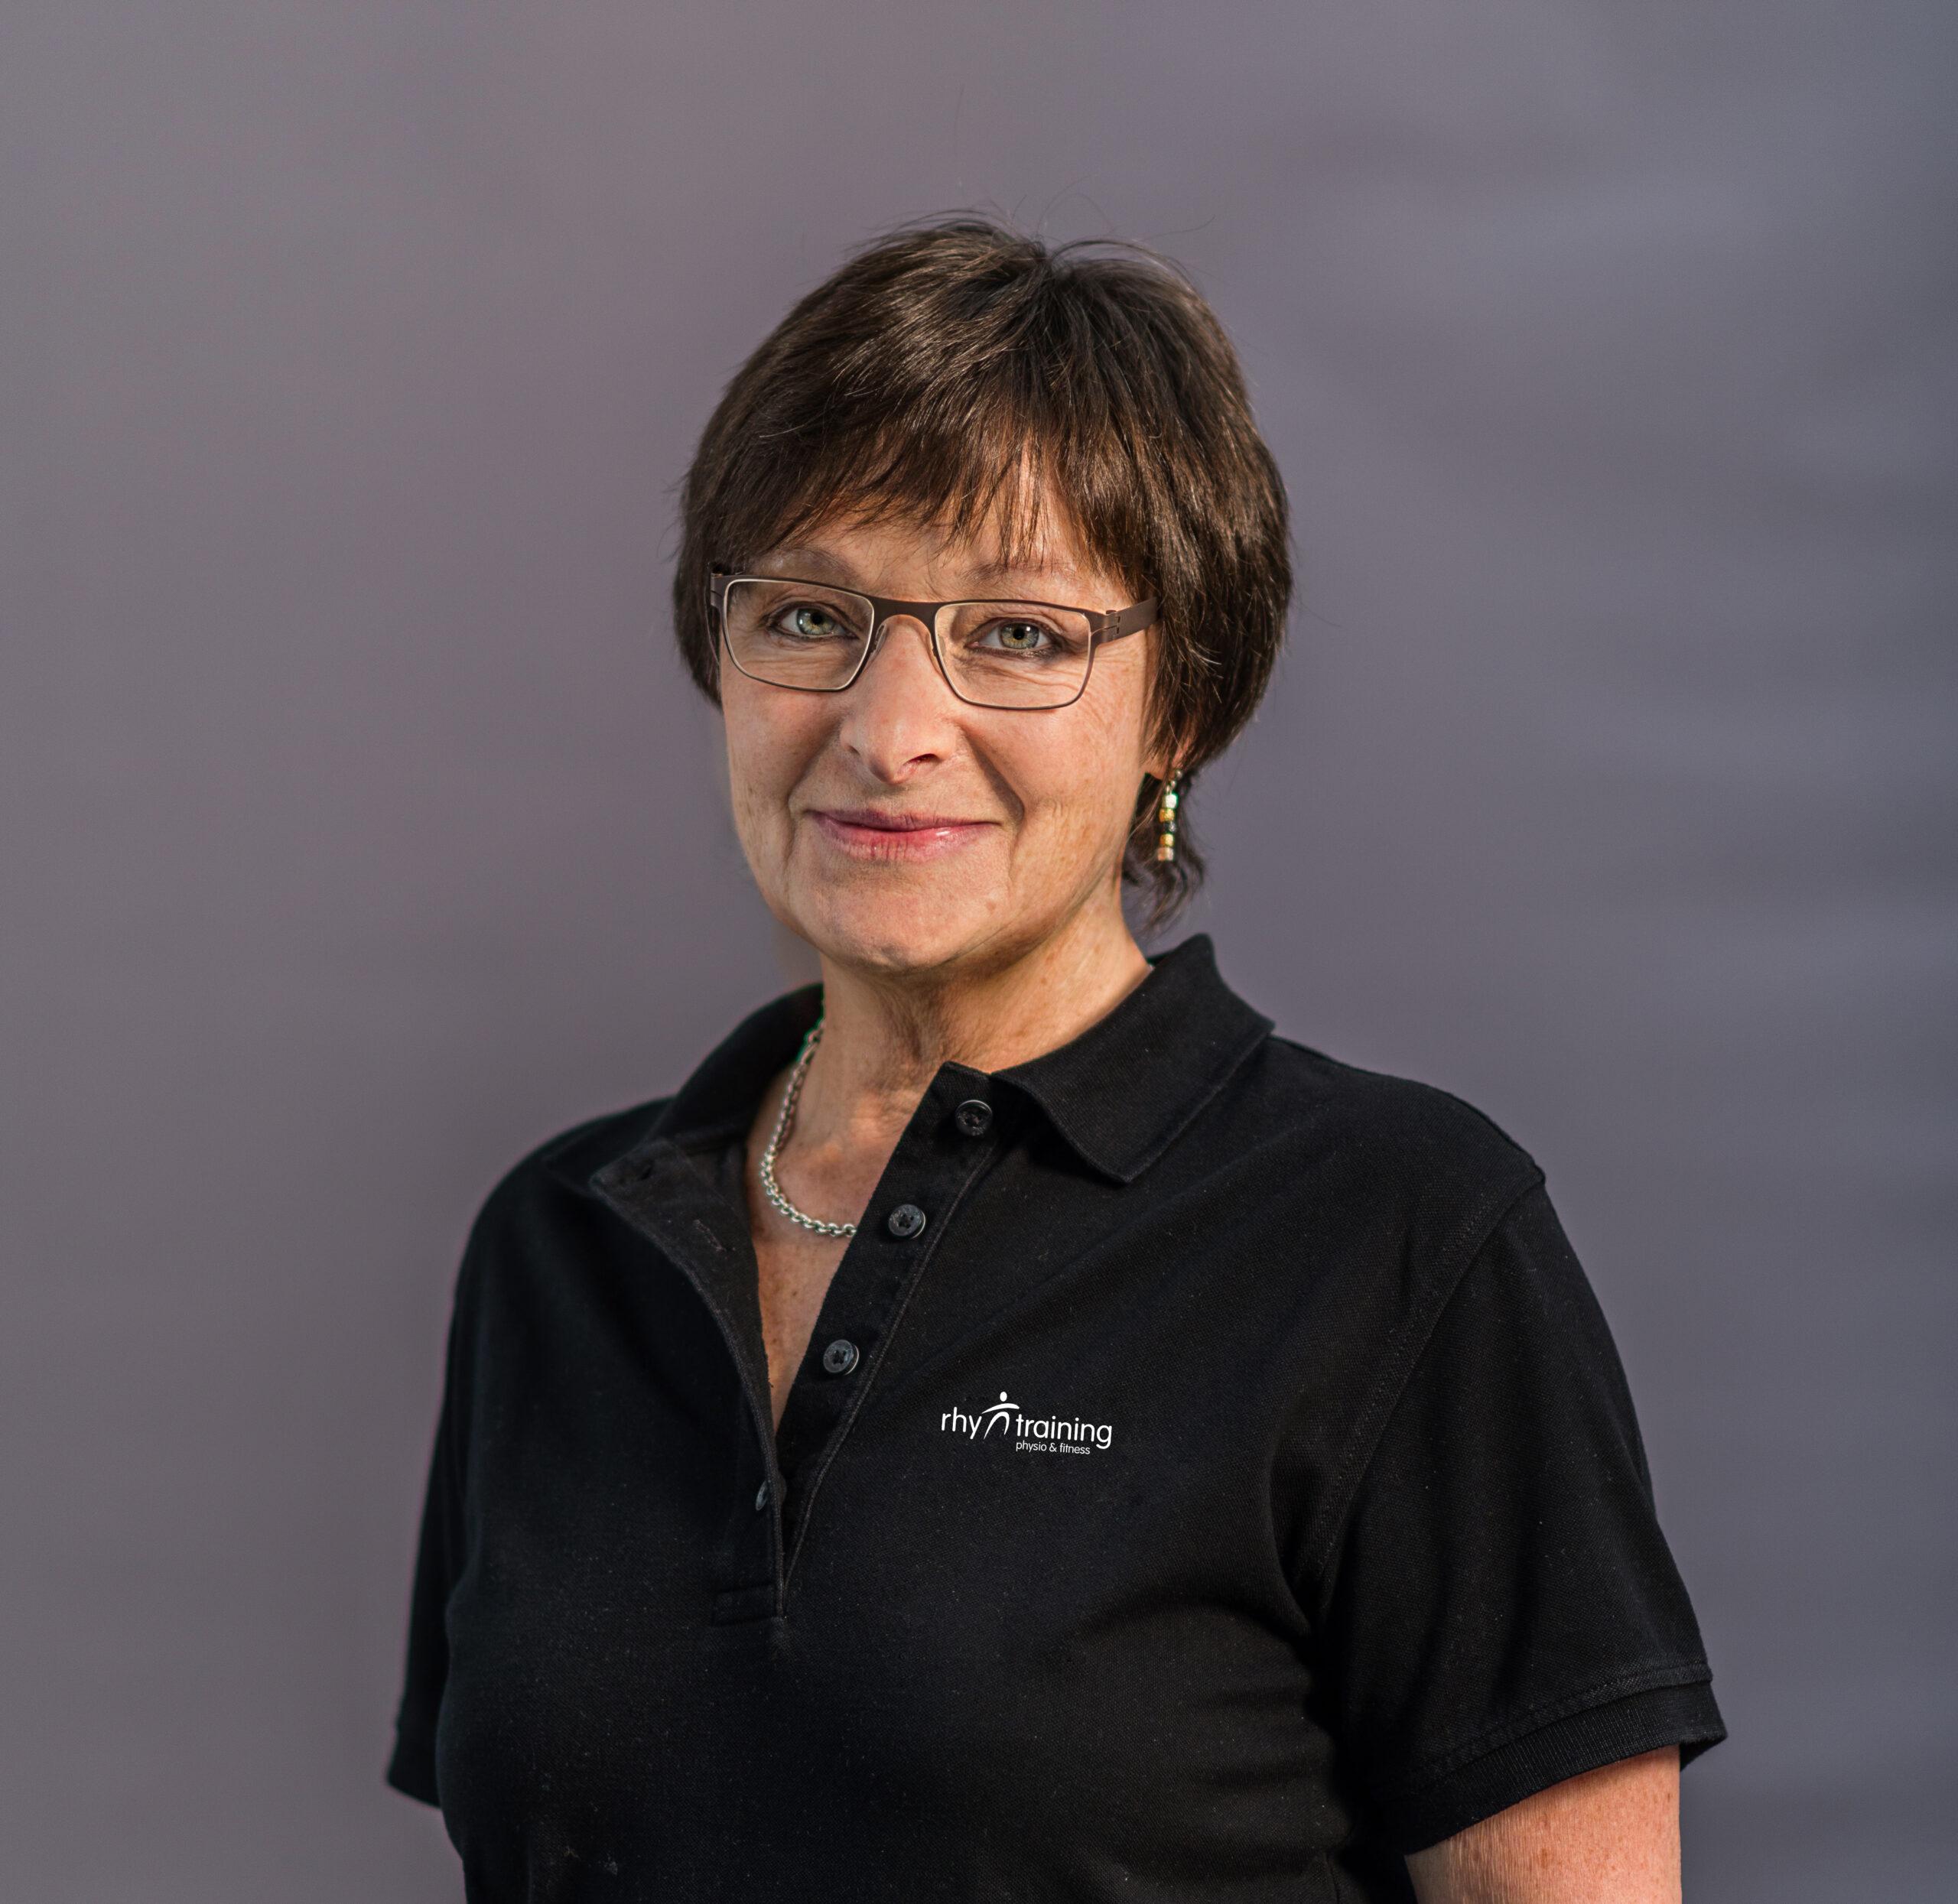 rhytraining - physio & fitness stein am rhein | Ruth Dolder